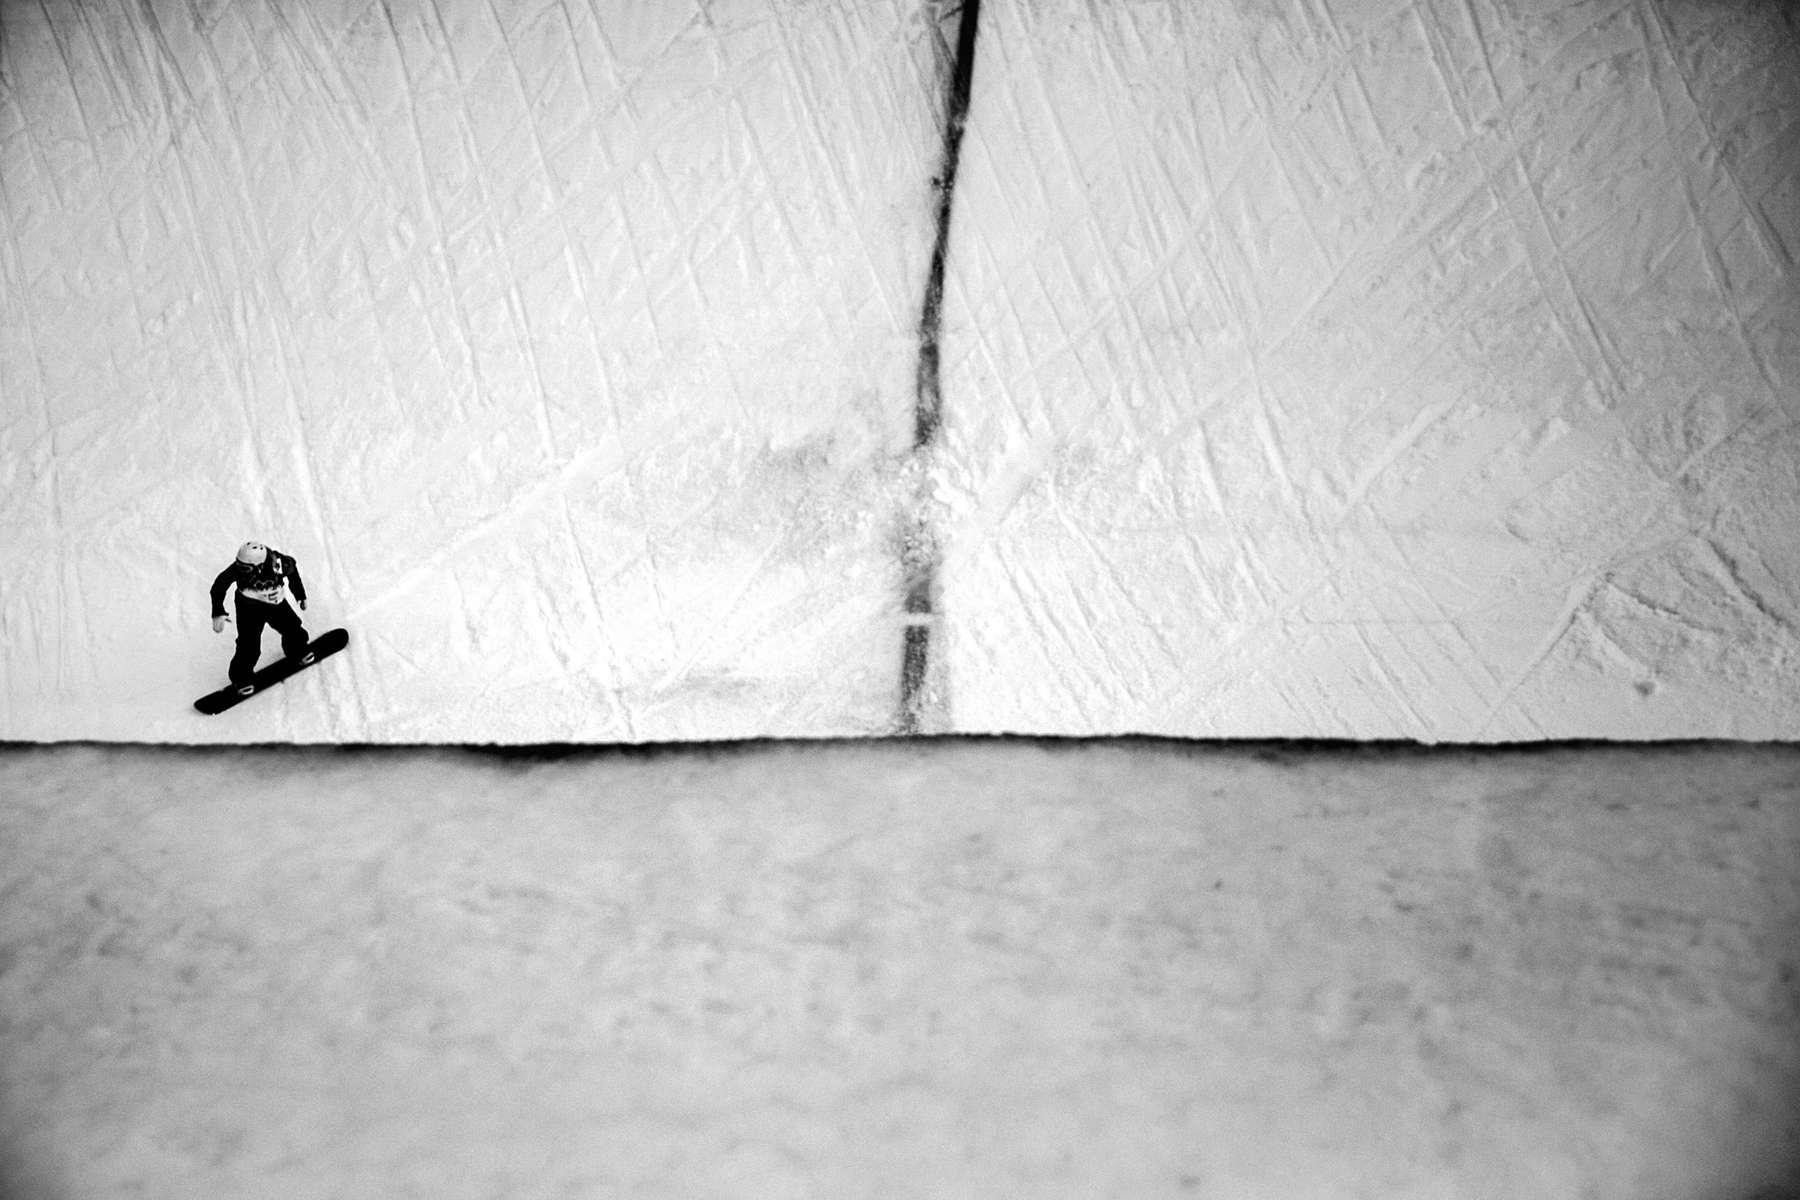 Men's Snowboard Halfpipe.